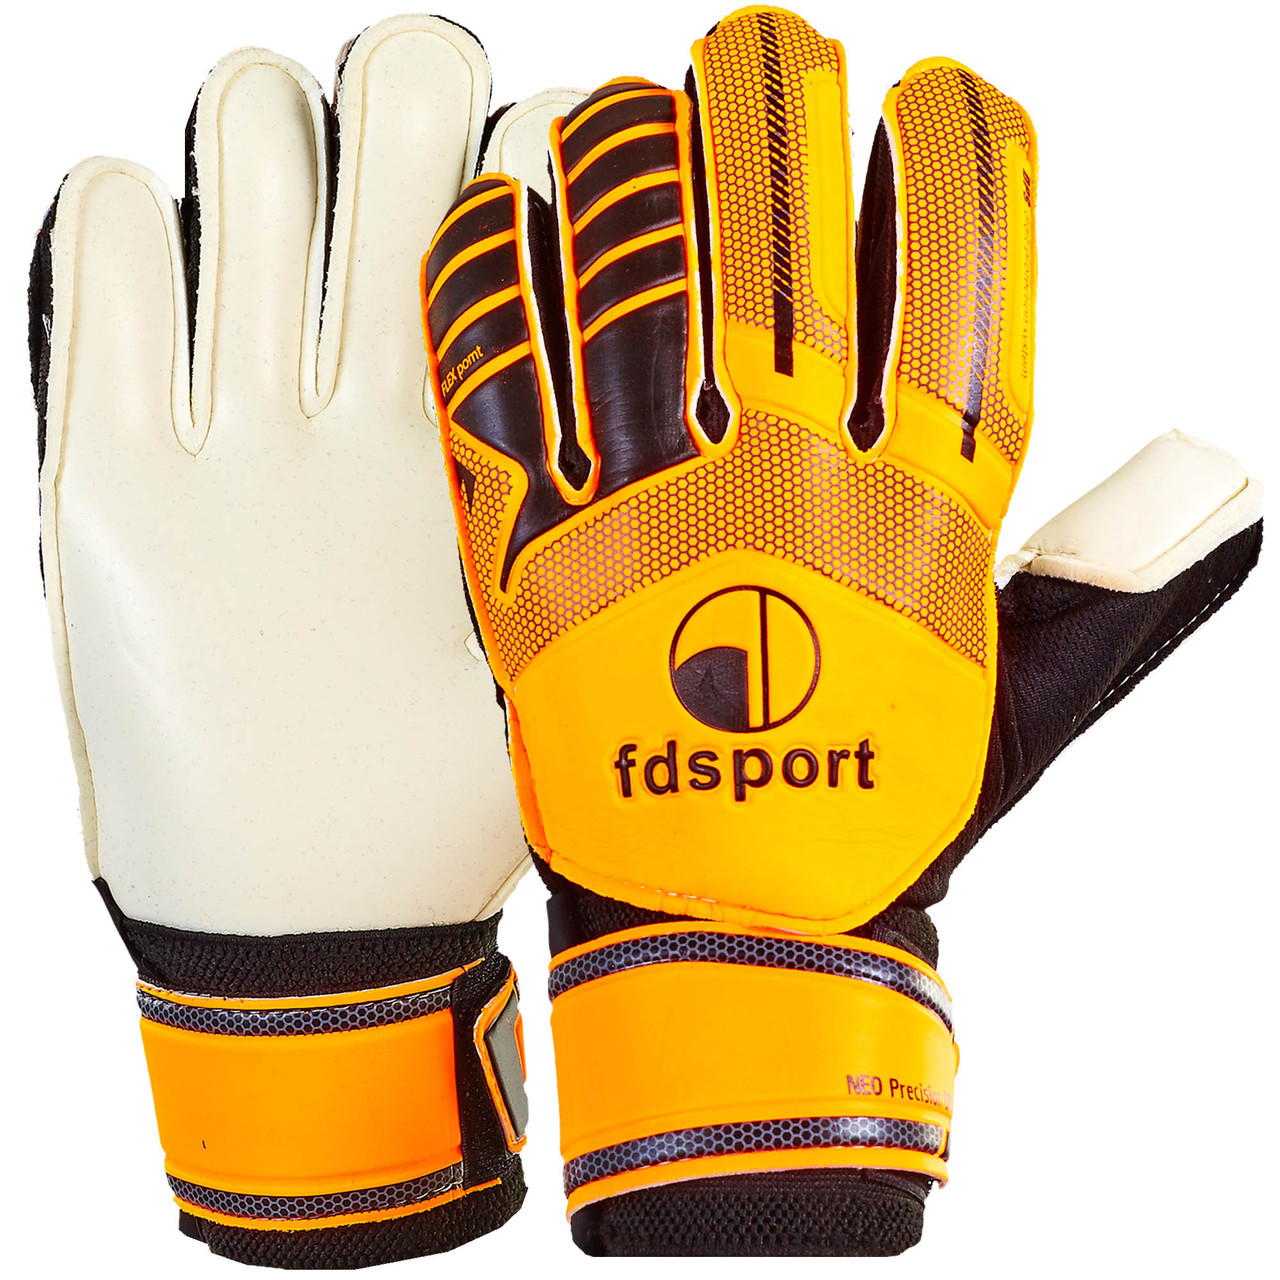 Перчатки футбольные подростковые с защитными вставками на пальцы FDSPORT оранжево-черные FB-579, 7